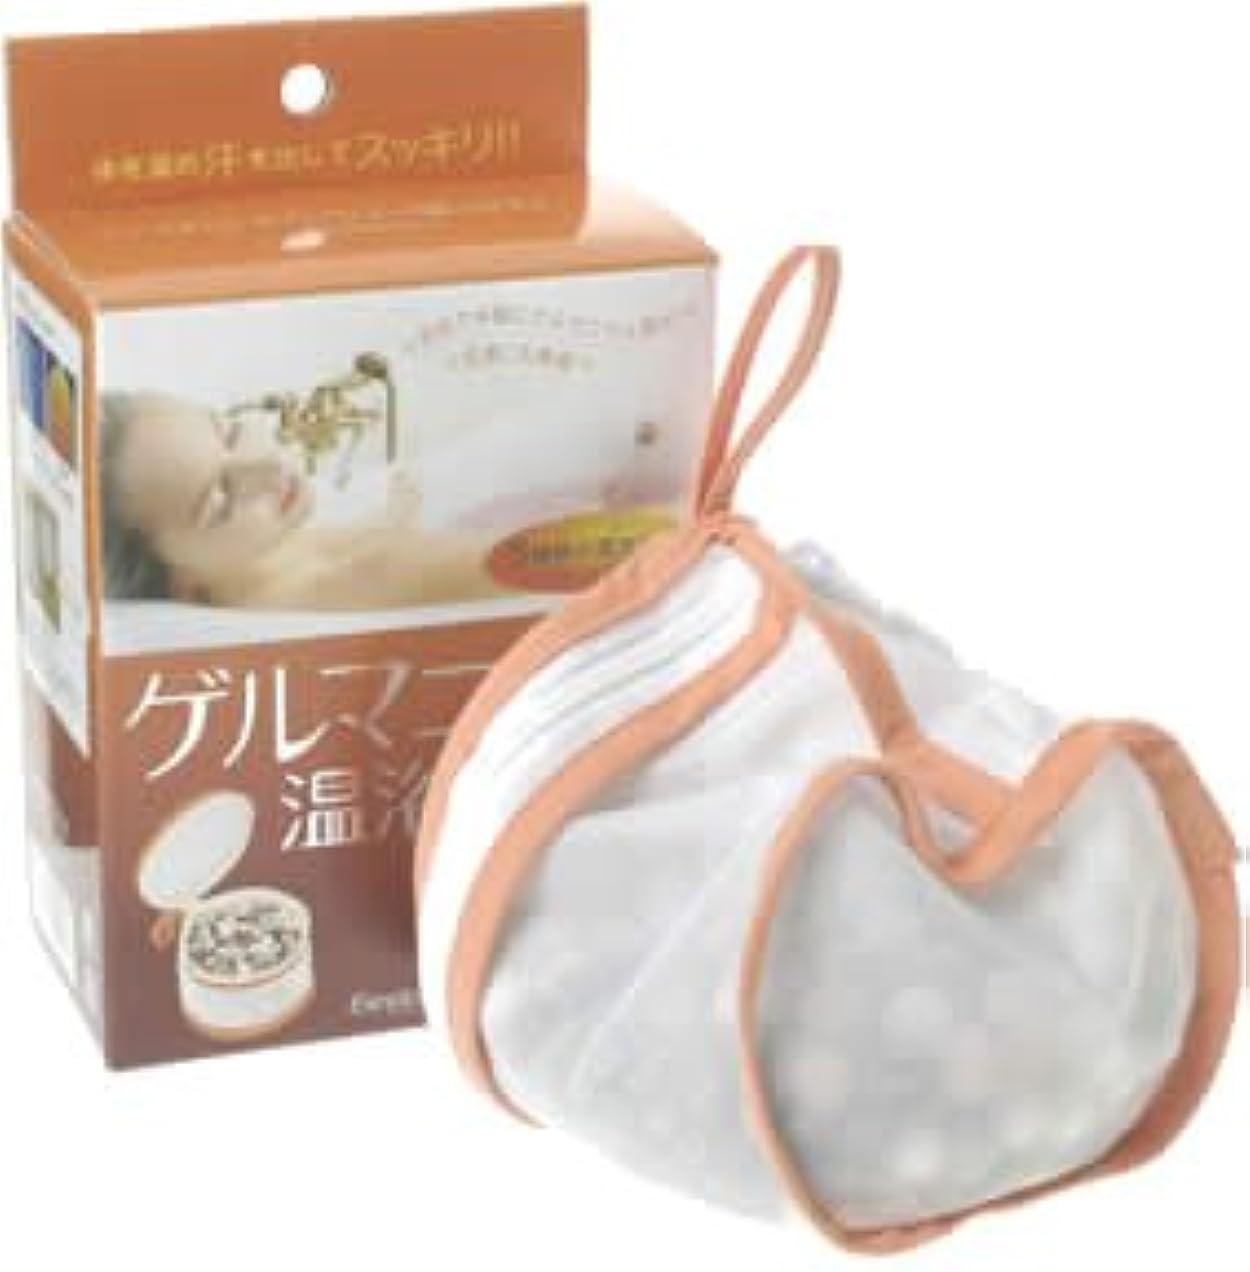 白雪姫白菜アライメントゲルマニウム温浴石